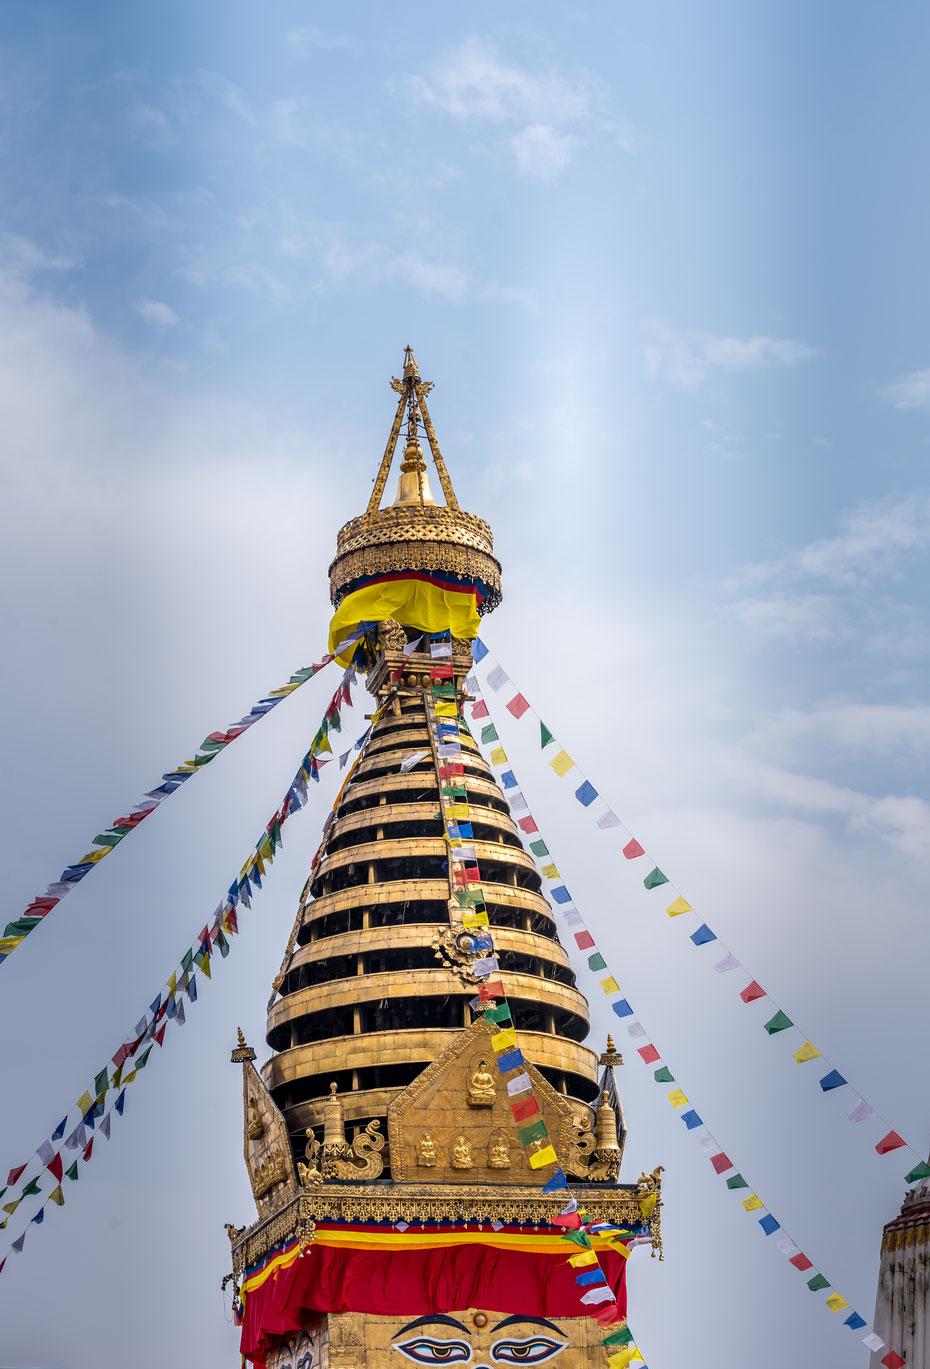 Die buddhistischen Stupas faszinieren mich immer wieder auf's neue!